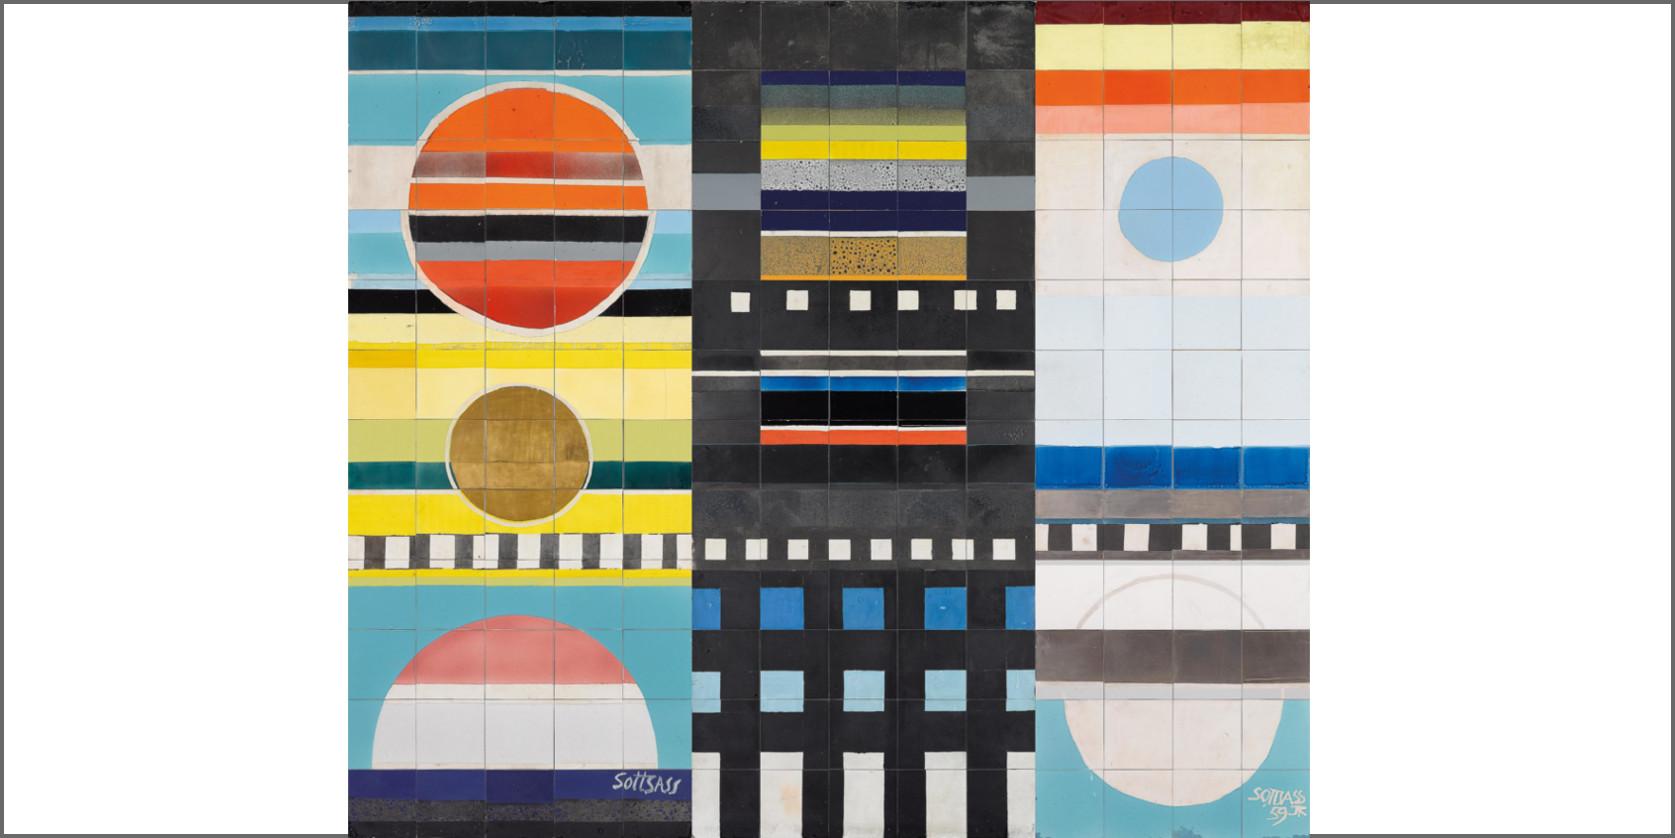 immagine a colori : Grande murale, progetto Ettore Sottsass, 1959